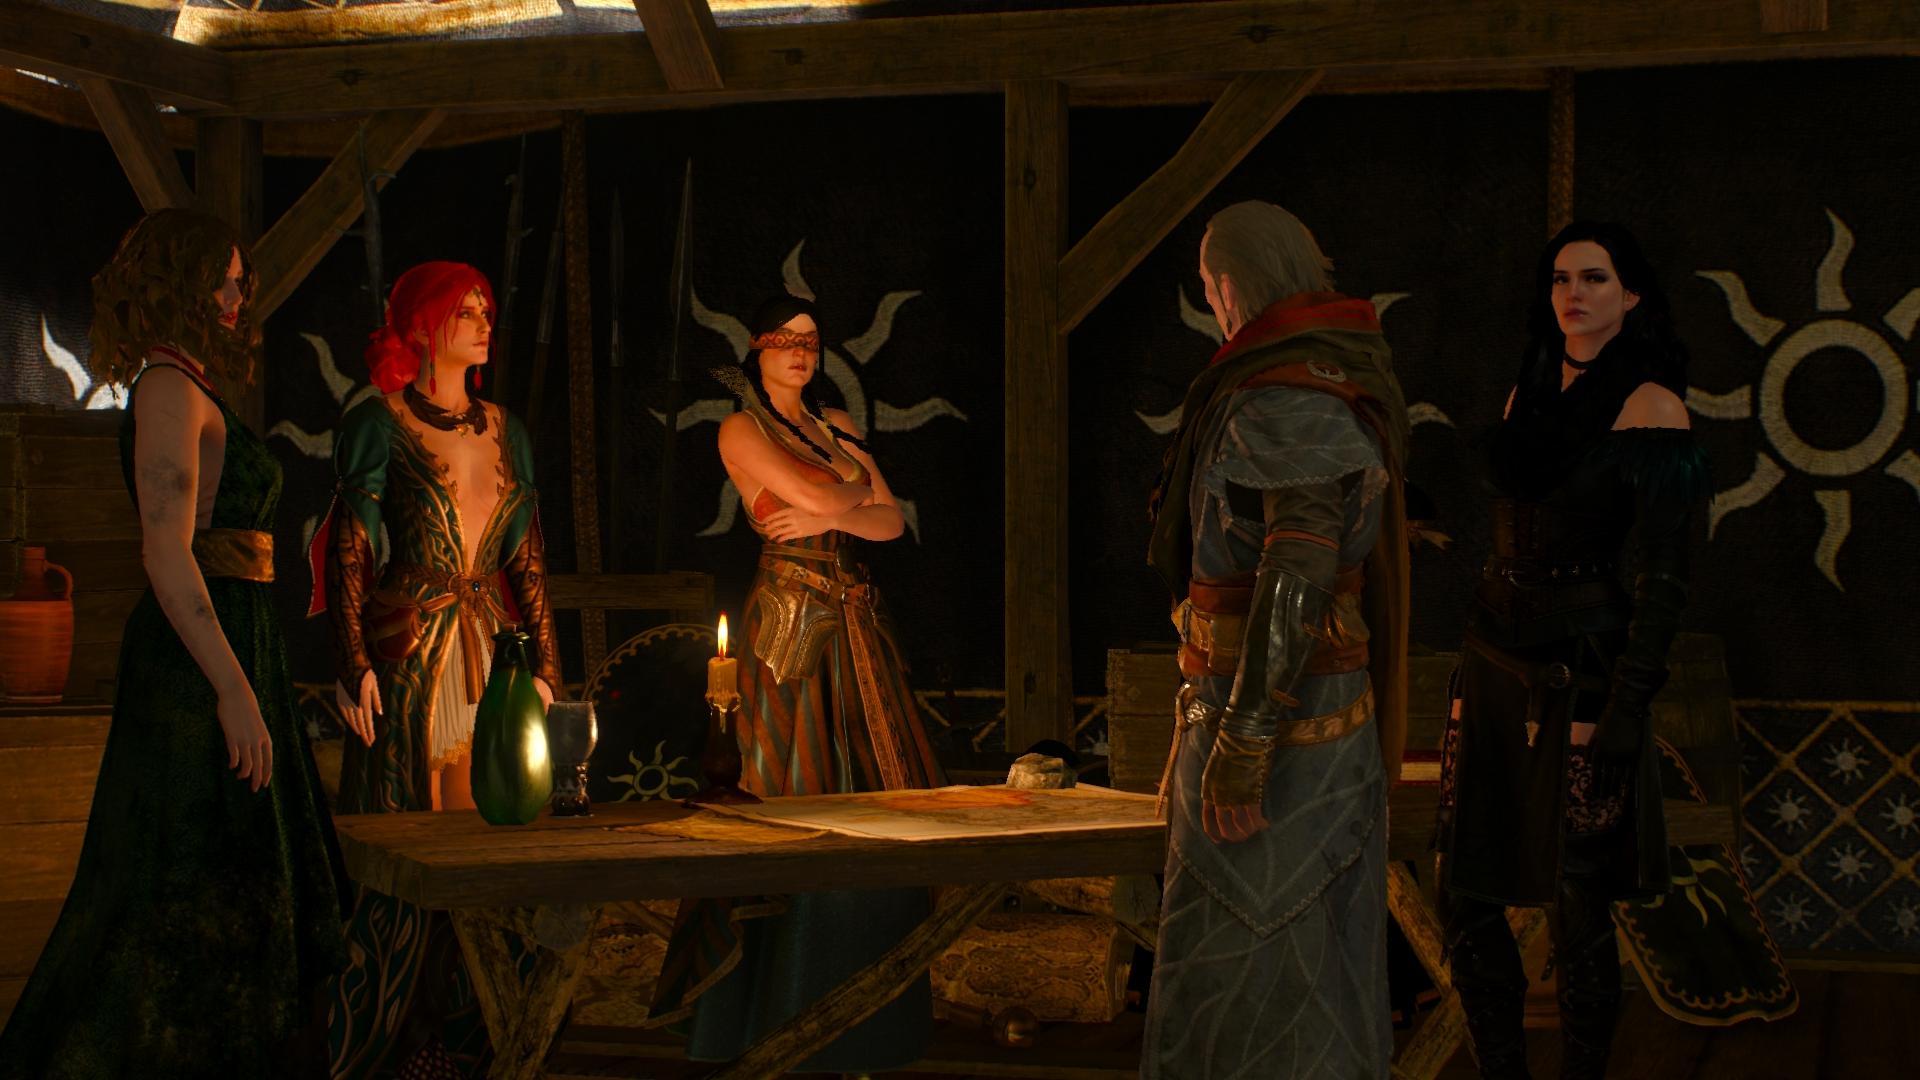 Witcher 3 loge der zauberinnen